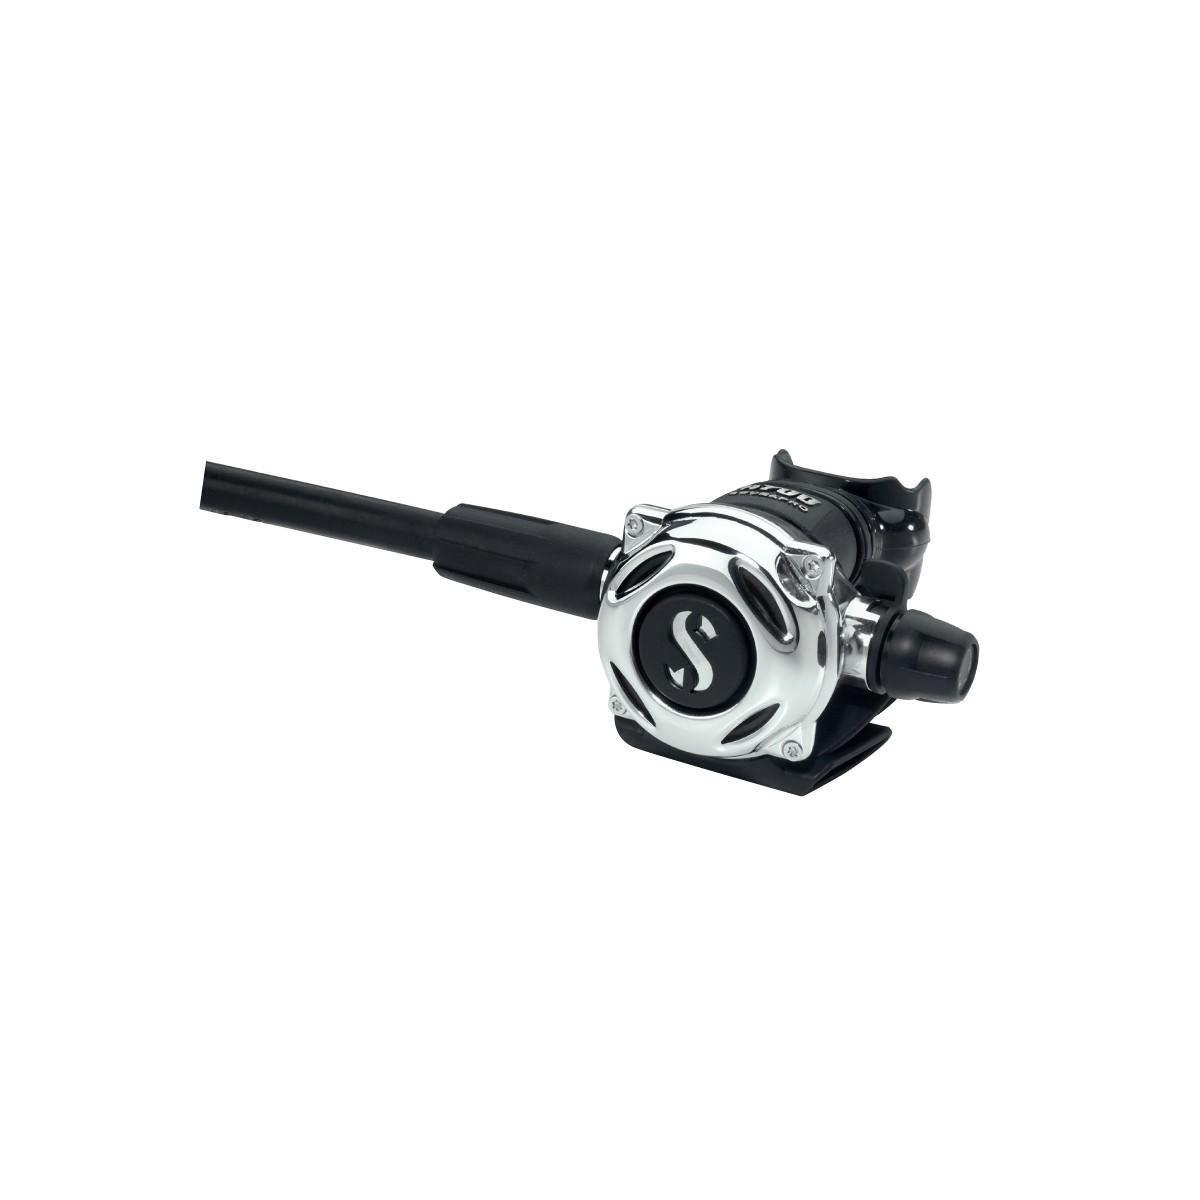 Scubapro MK17 EVO/A700 Regulator